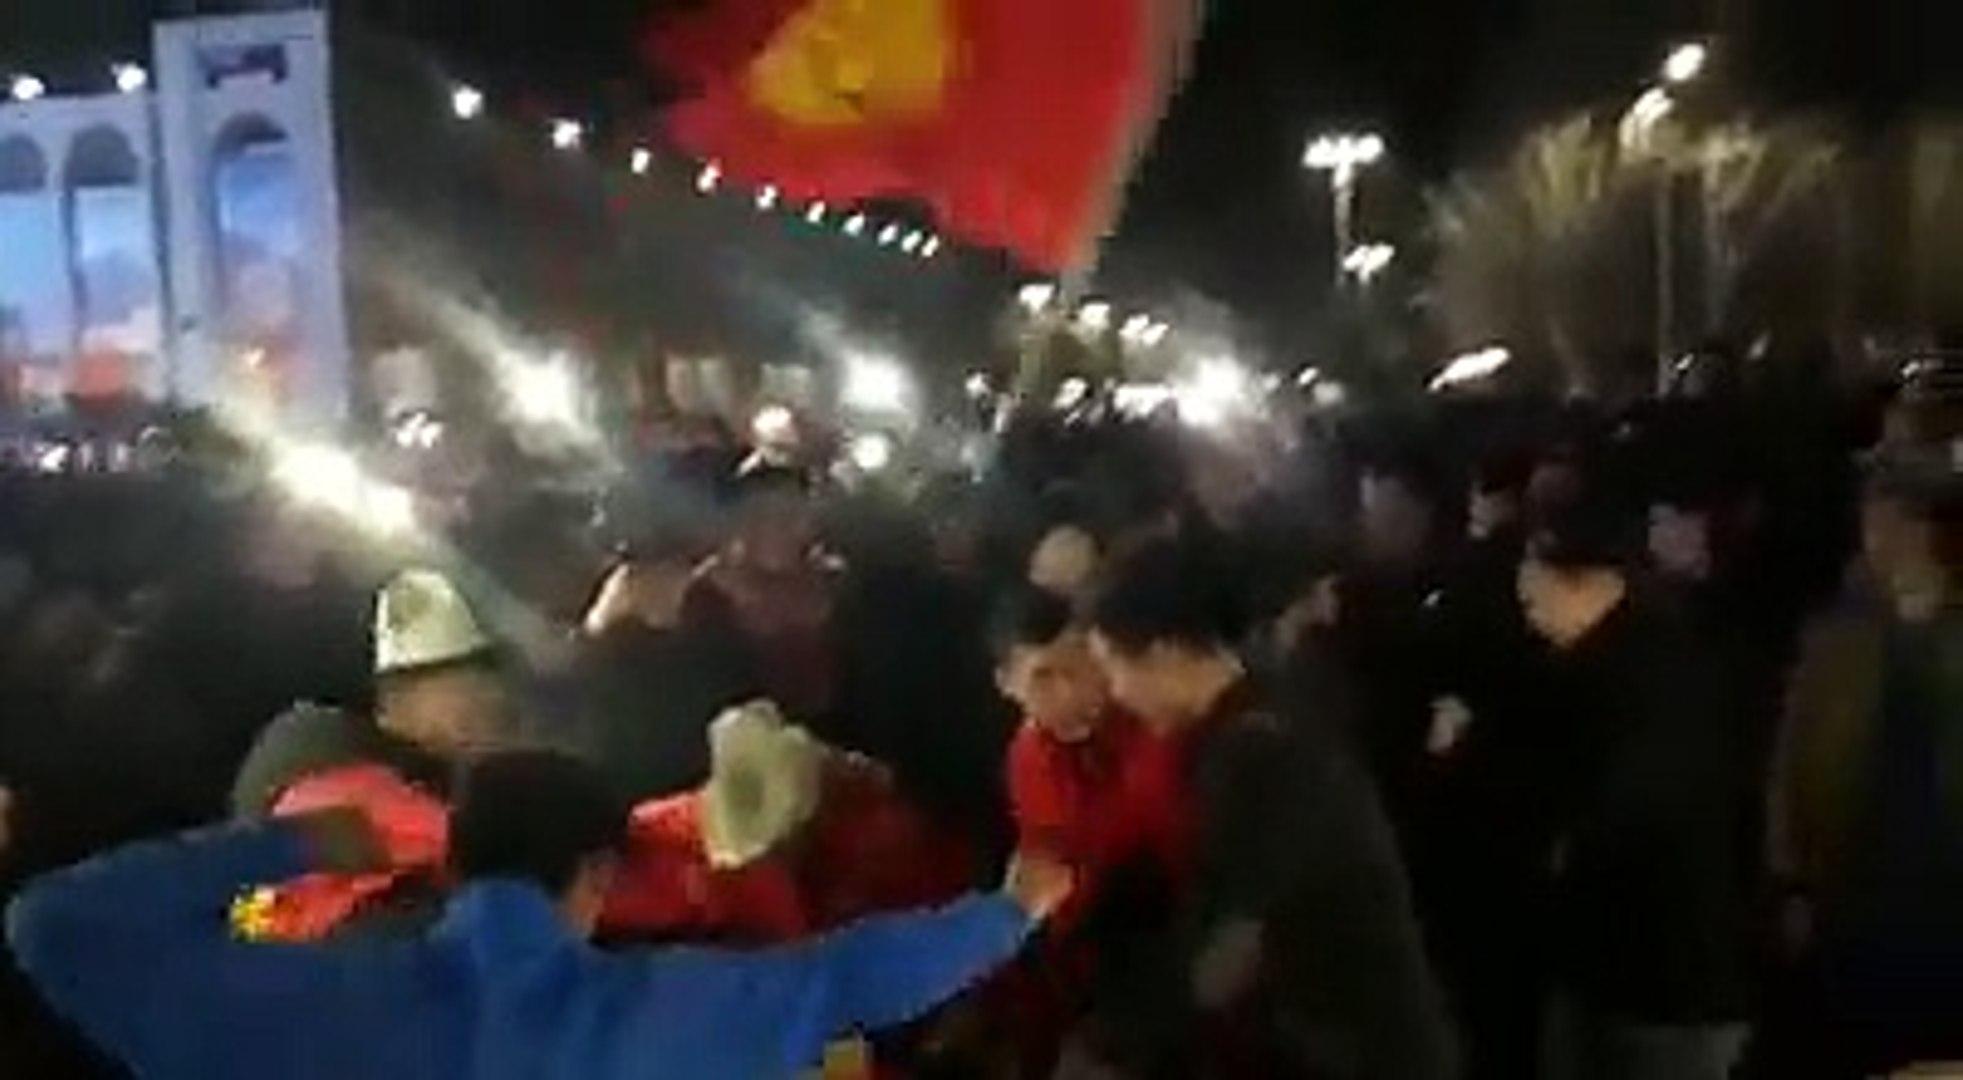 Футбол күйөрмандары Ала-Тоо аятында Кыргызстандын футбол боюнча улуттук курама командасынын күйөрмандарынын кубанычында чек жок. Күйөрмандар Кыргызстан - Инди